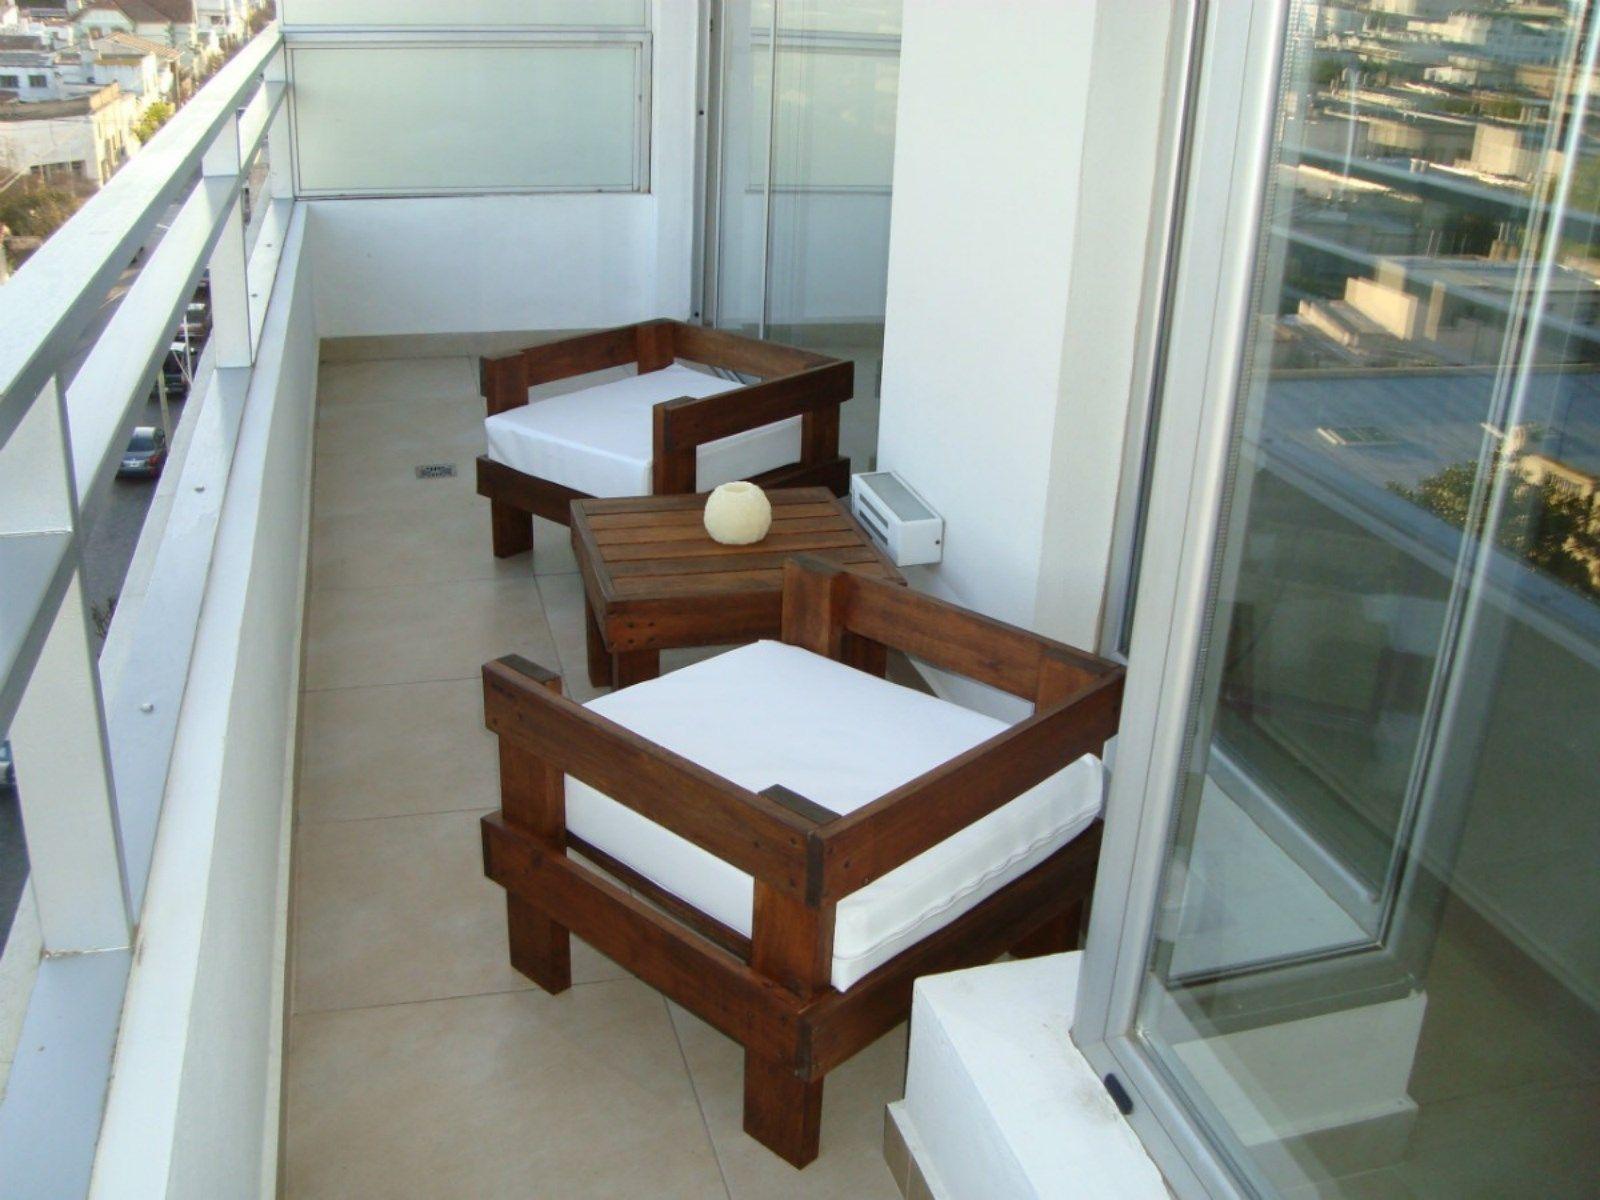 Juego de dos sillones individuales y una mesa ratona - Sillones para espacios reducidos ...